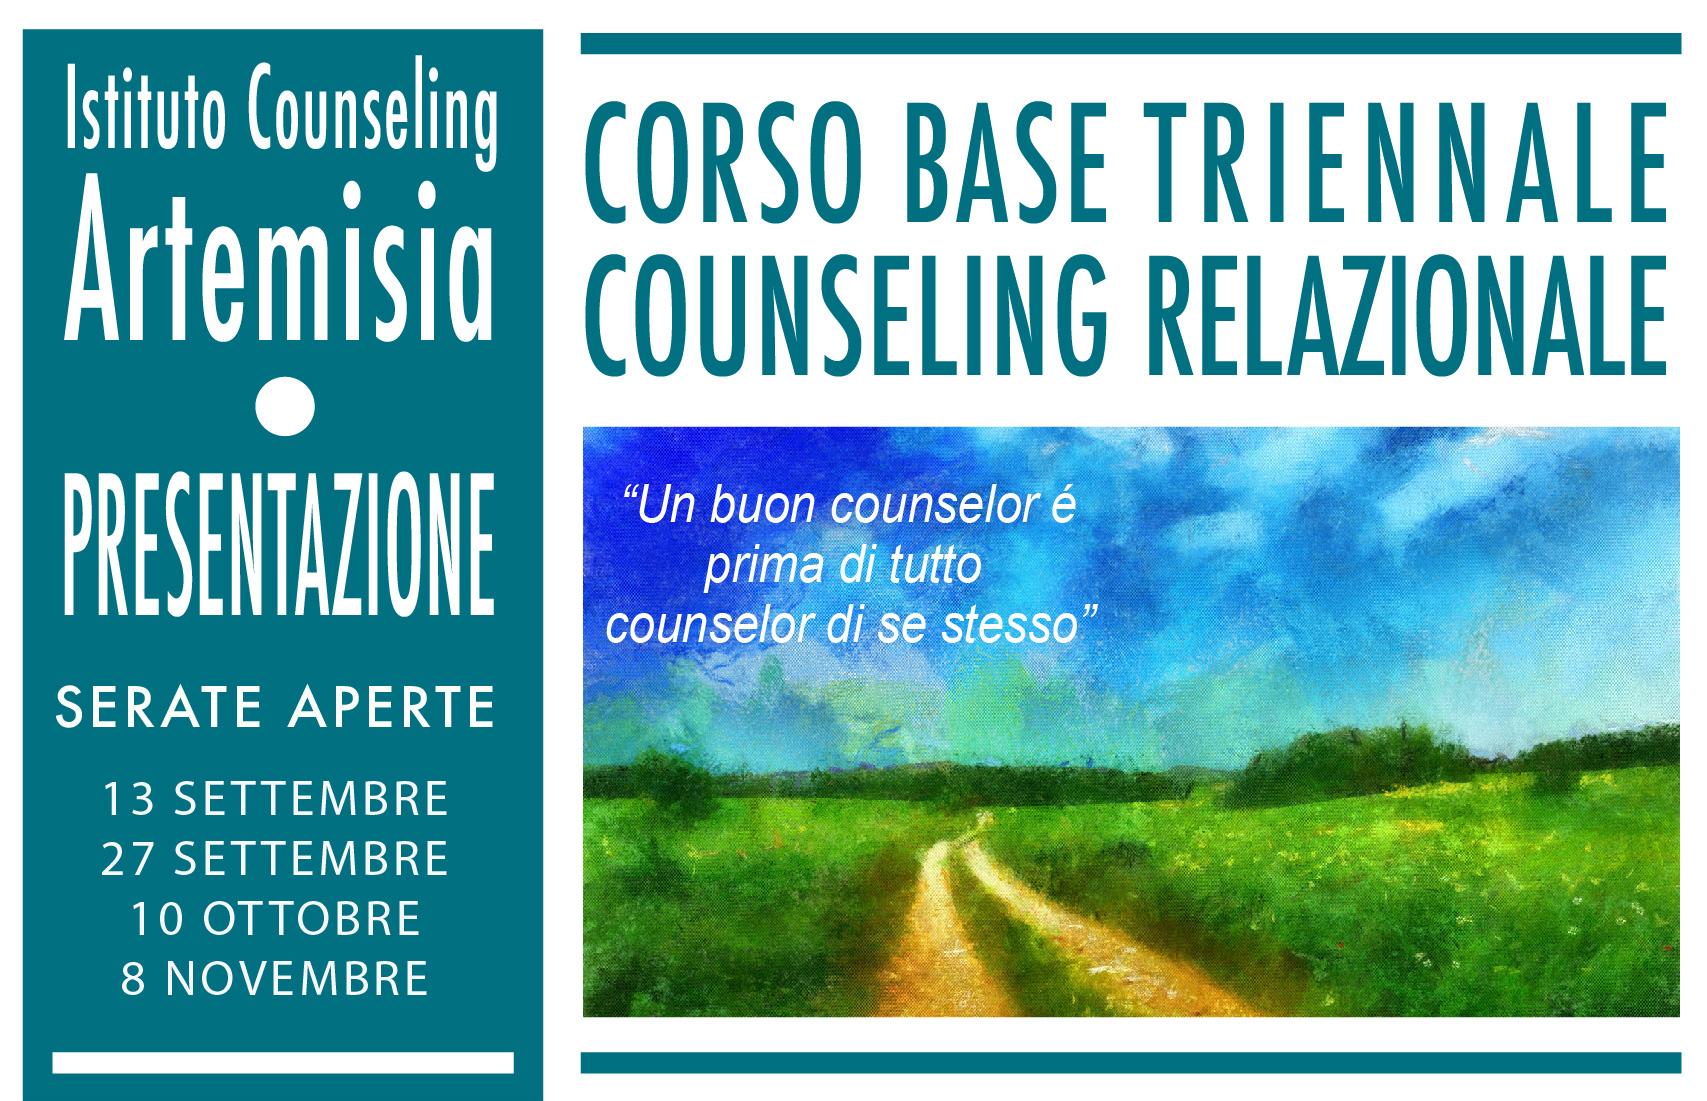 Presentazione corso triennale in Counseling Relazionale - Istituto Artemisia